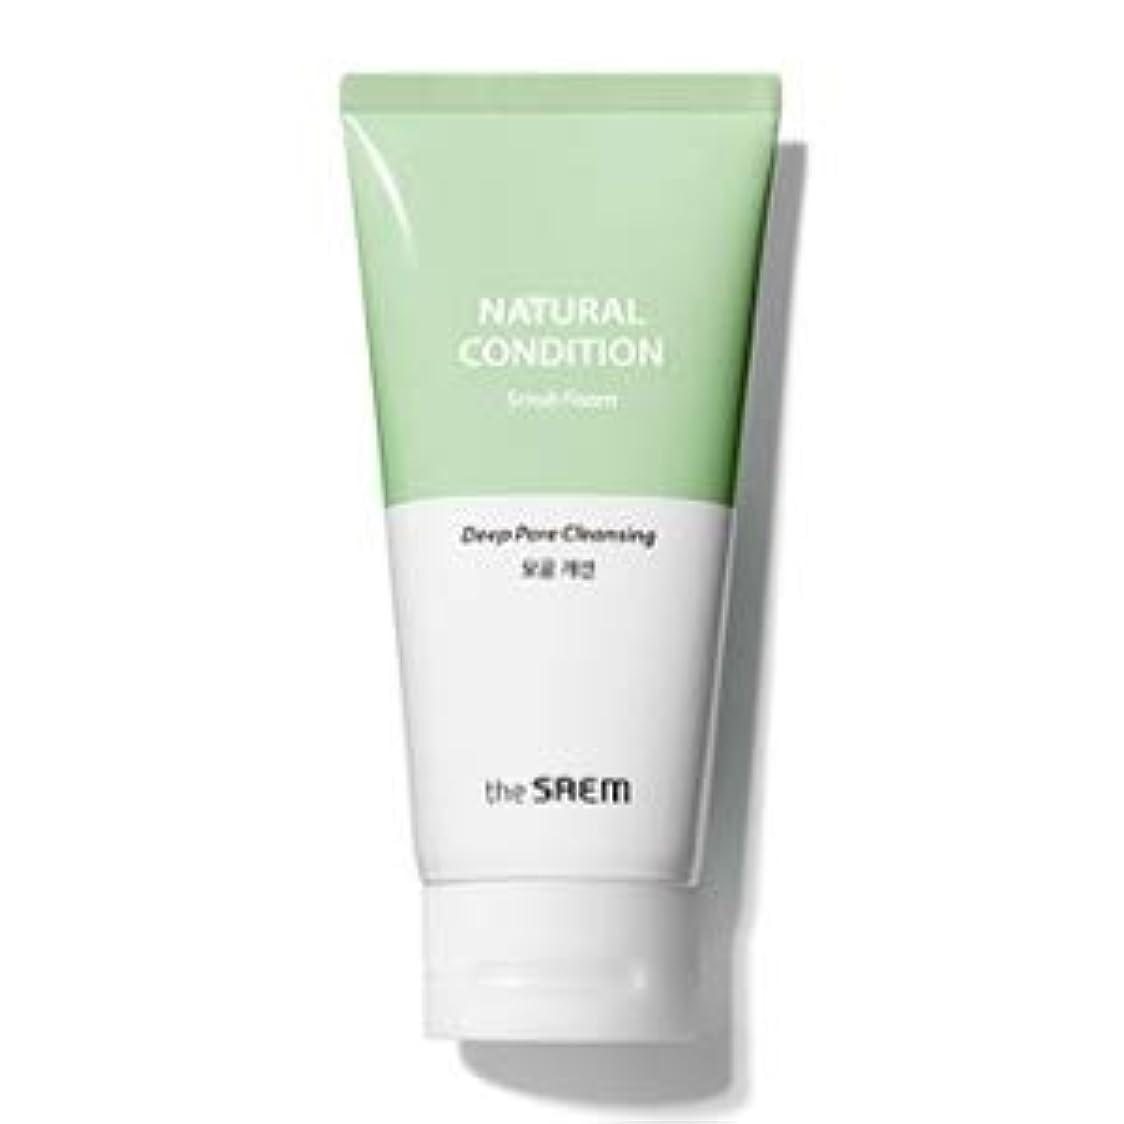 老人ペレットしなやかなThe Saem Natural Condition Scrub Foam [Deep pore cleansing] (R)/ ザセム ナチュラルコンディションスクラブフォーム[毛穴改善] (R) [並行輸入品]